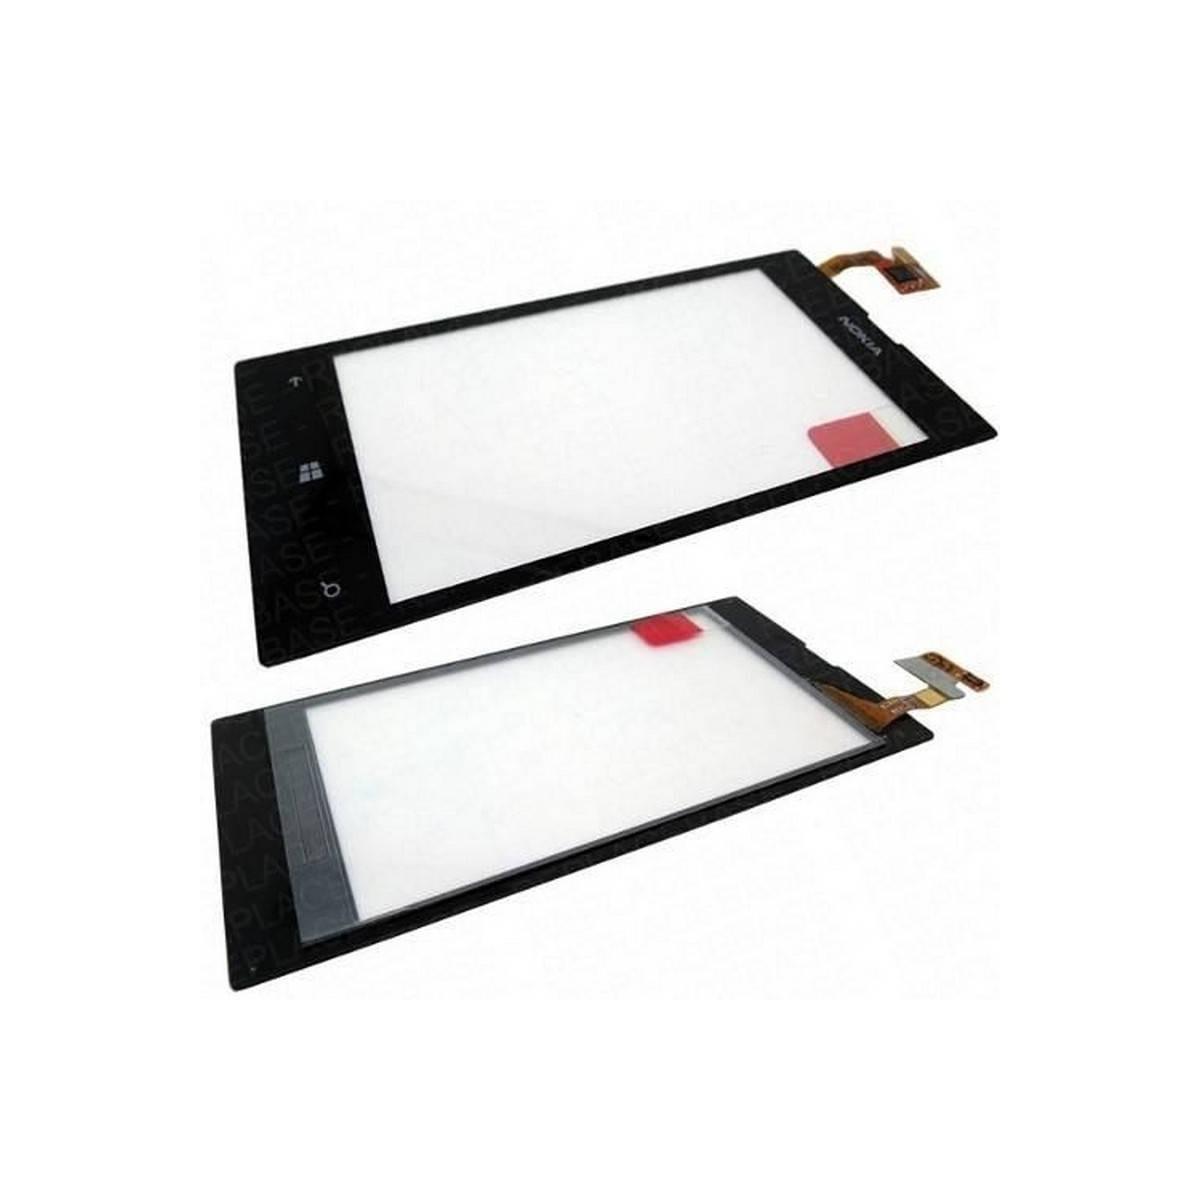 Ecrã tactil cristal digitalizador NOKIA LUMIA 520